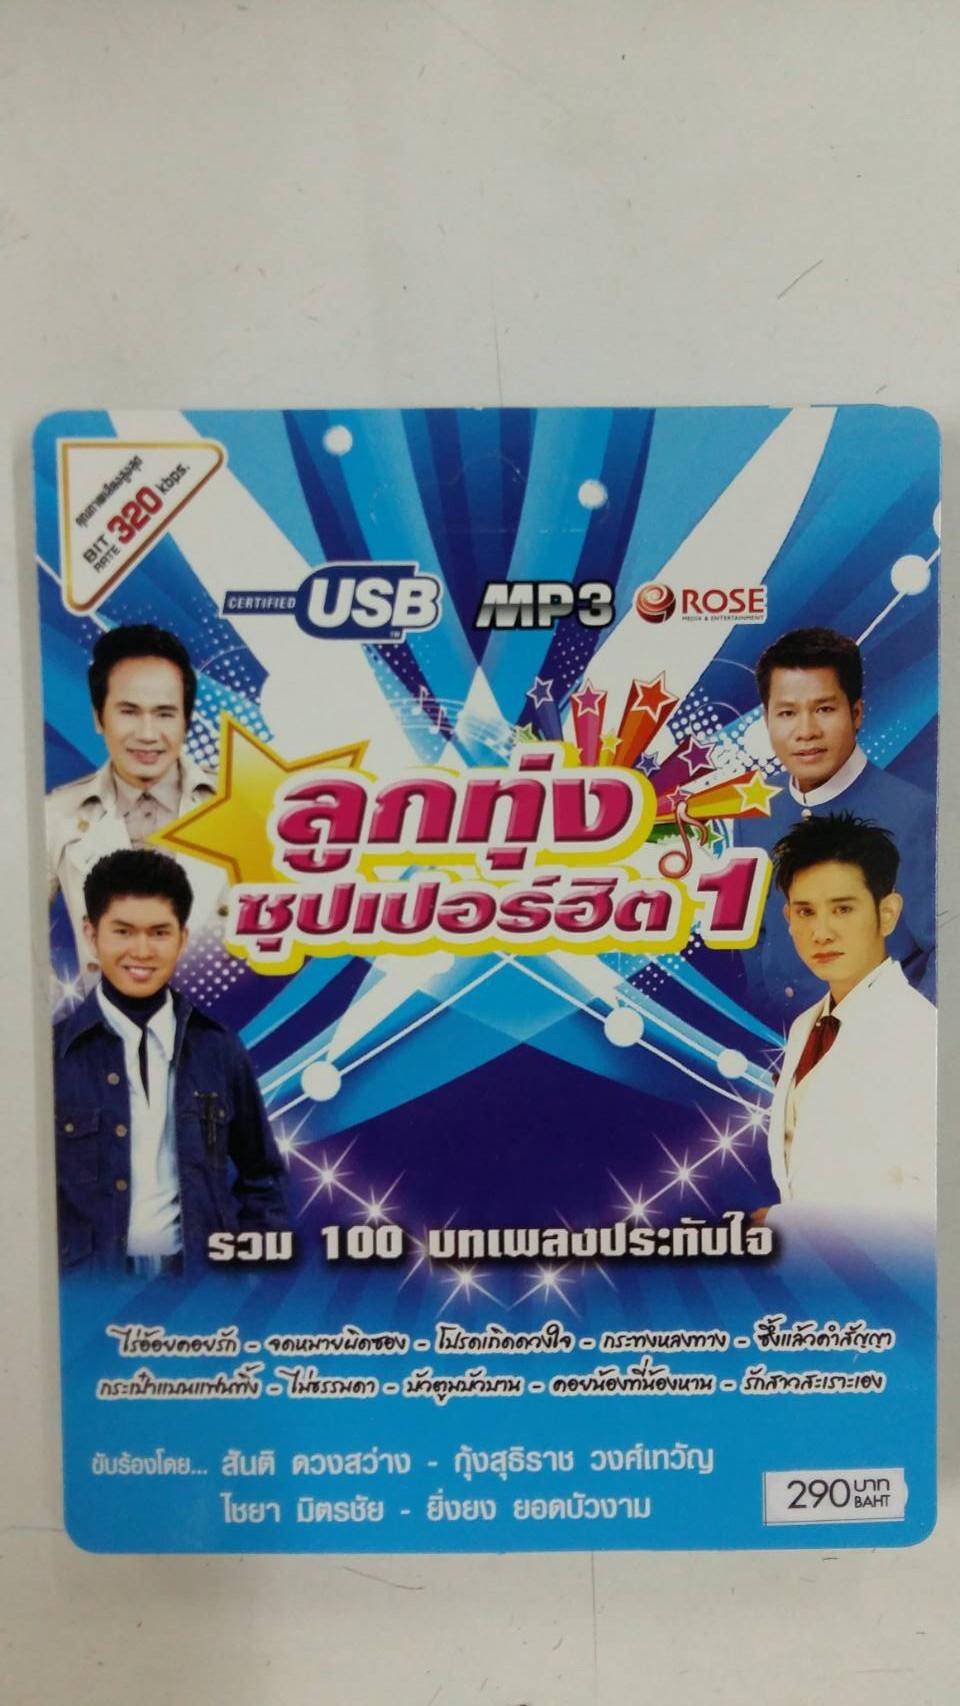 USB/100เพลง ลูกทุ่งซูปเปอร์ฮิต ชุด1/290